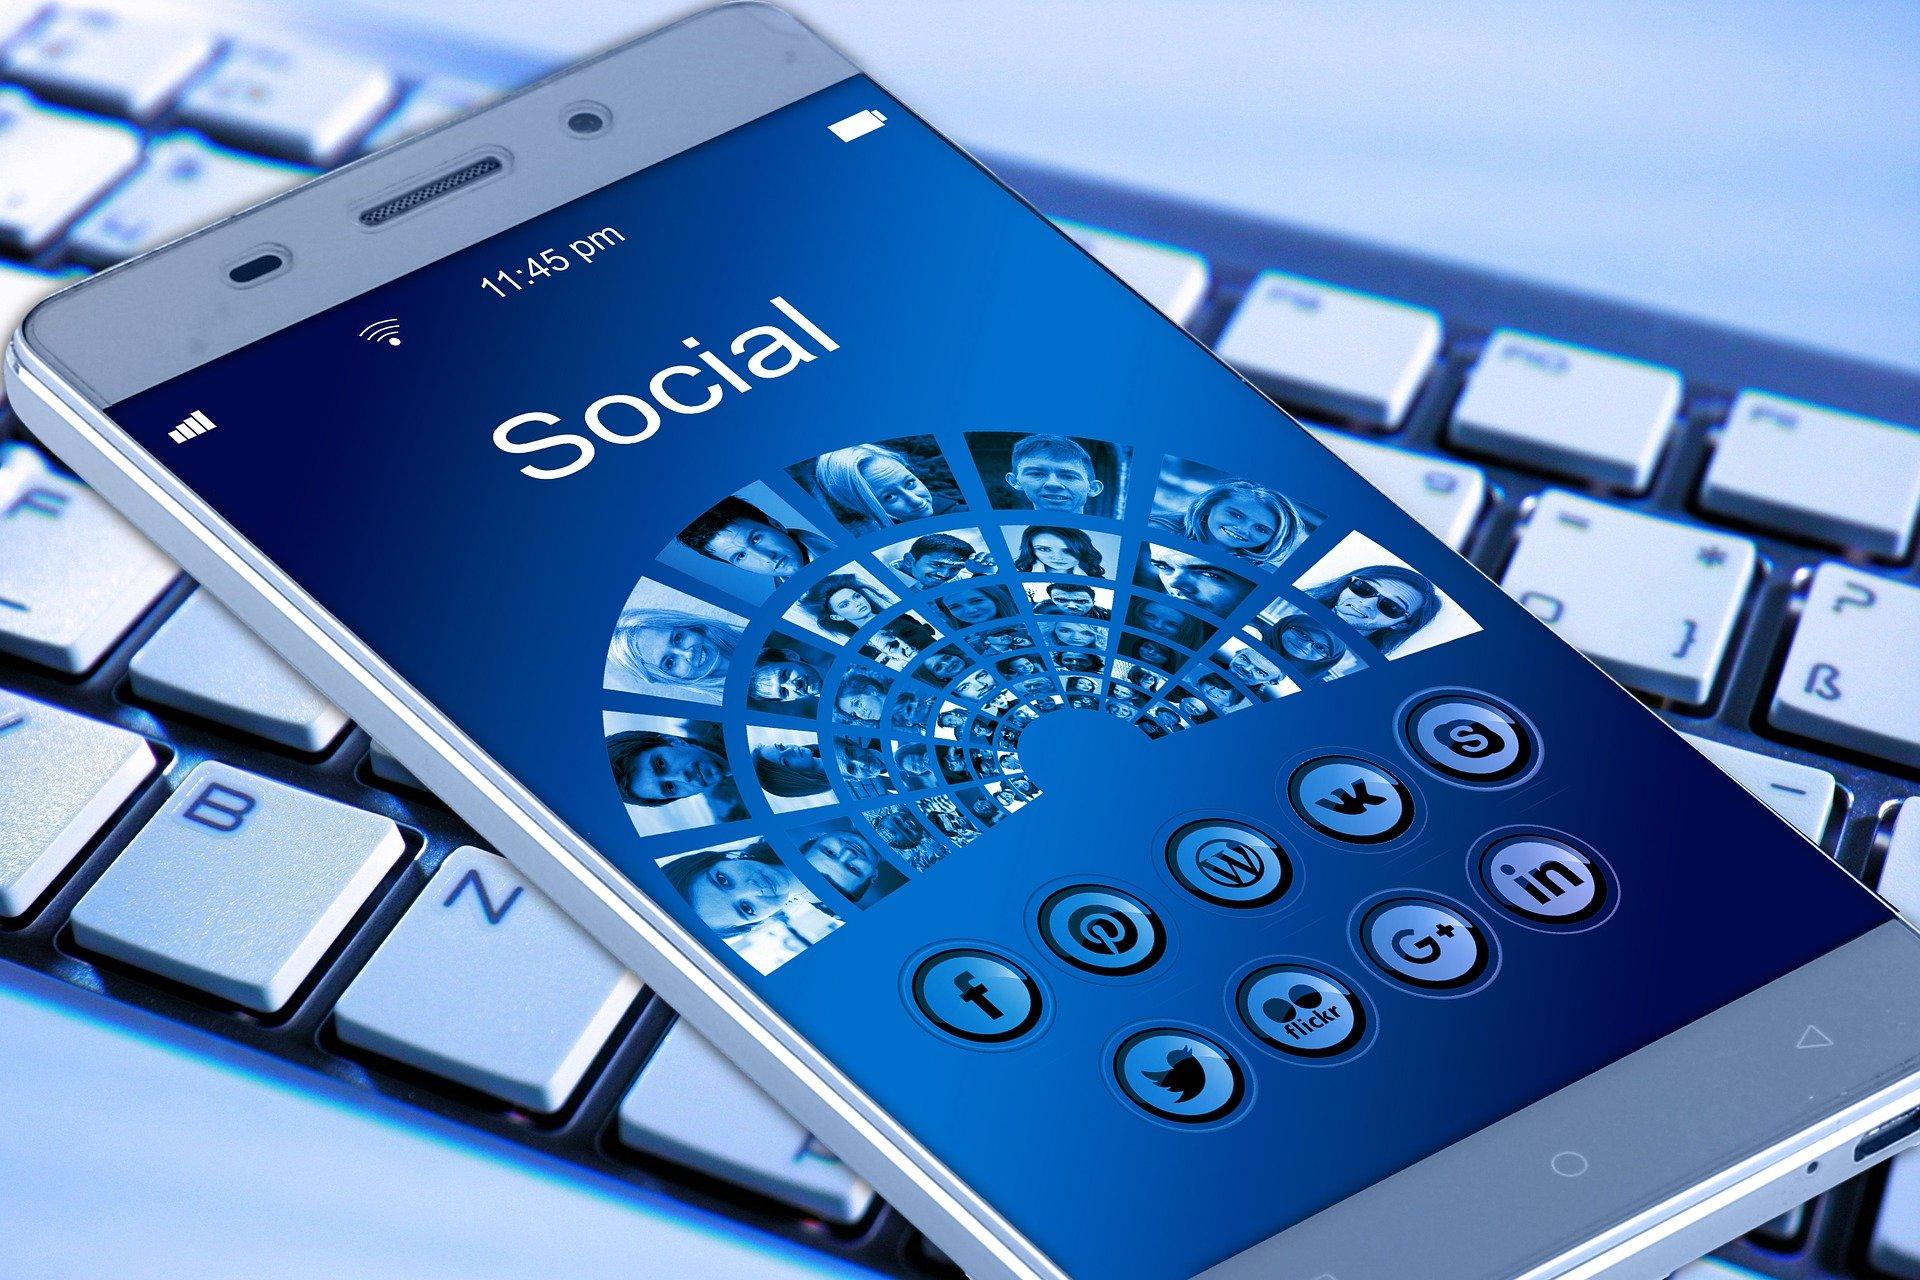 Kradzież tożsamości w Internecie staje się dużym problemem